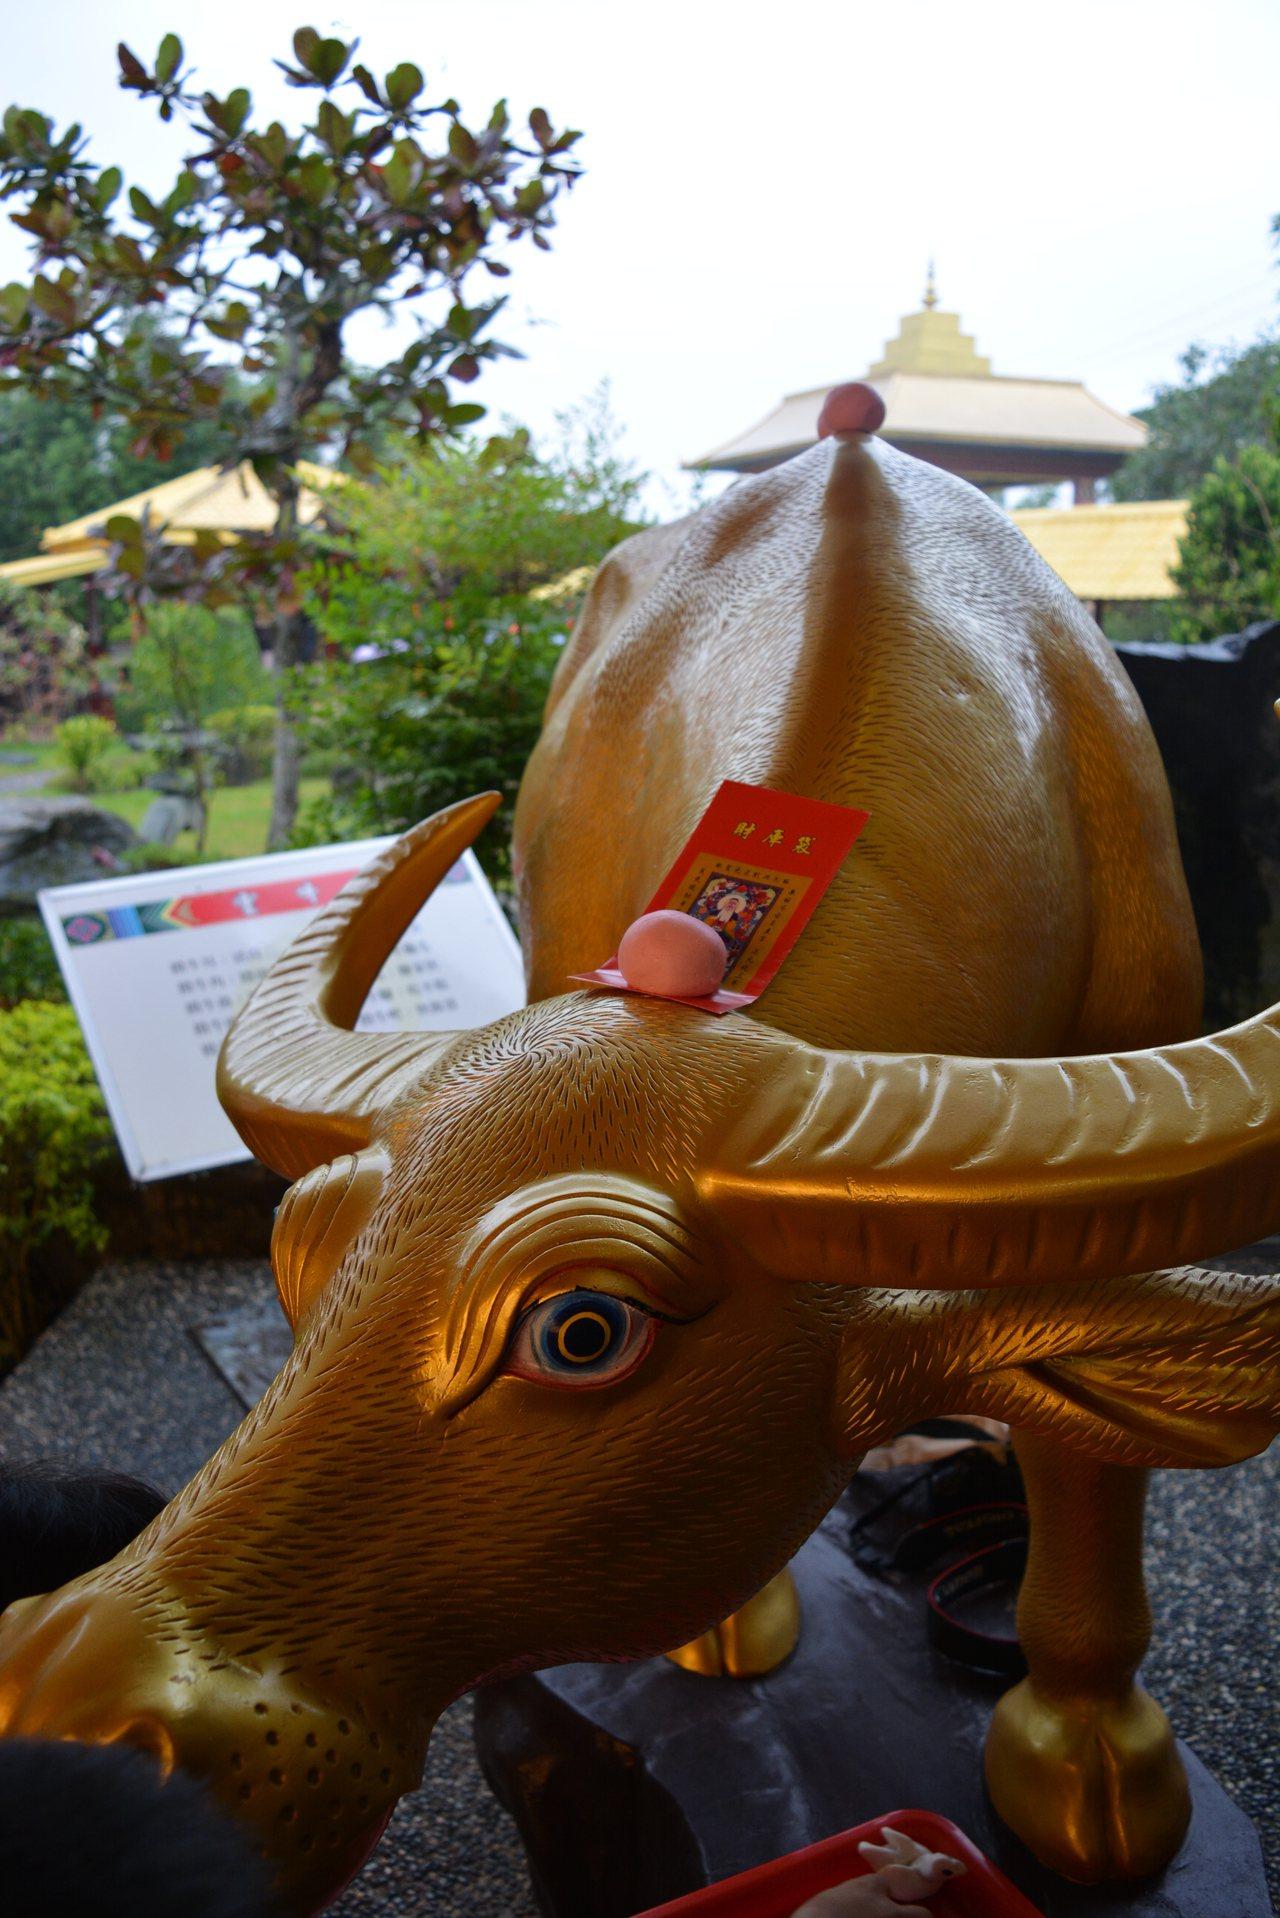 在牛角上貼上湯圓,象徵請牛吃湯圓,慰勞耕牛的辛勞。圖/報系資料照